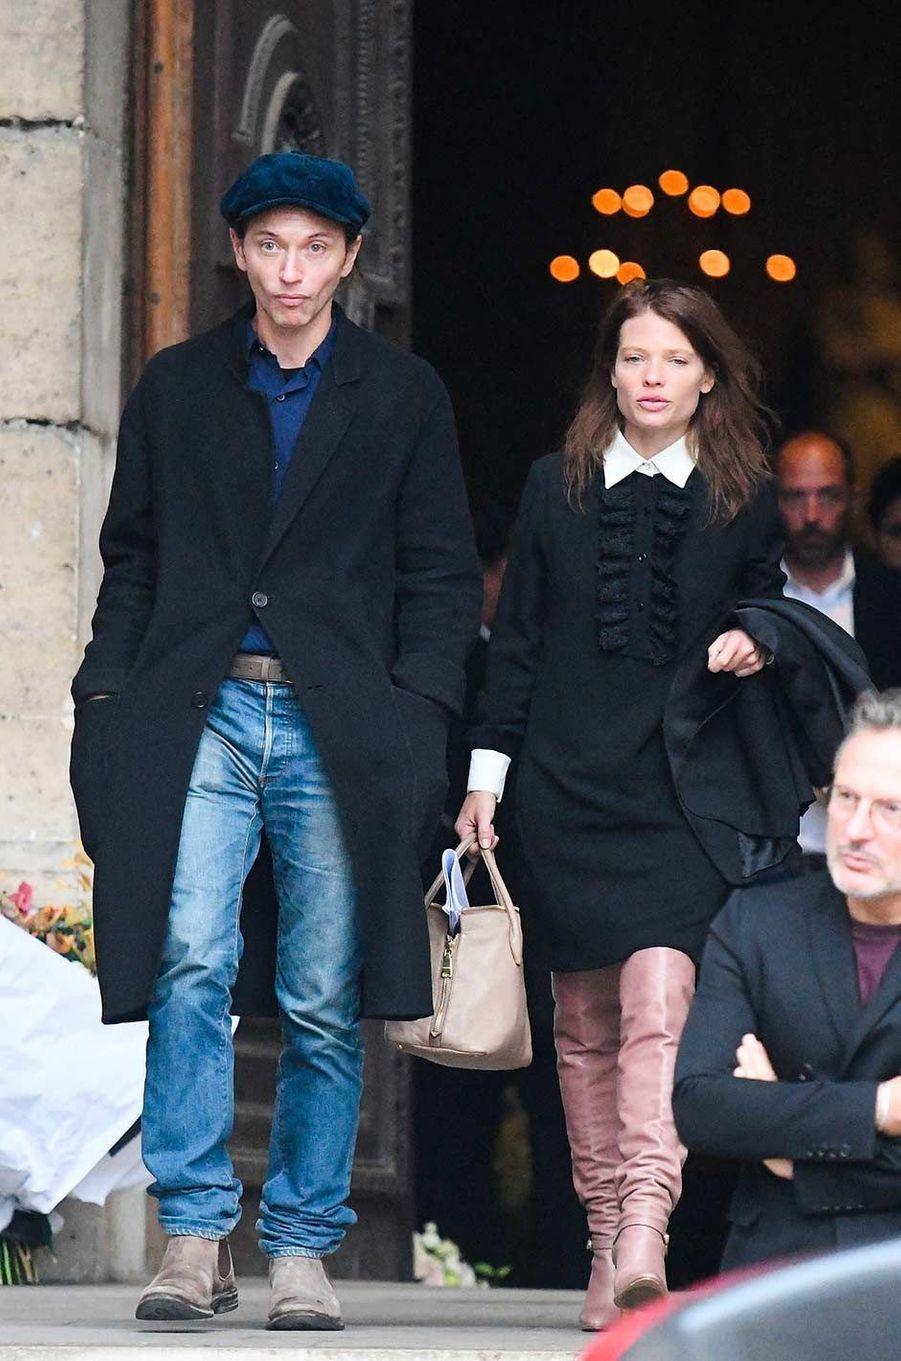 Raphaël et Mélanie Thierryaux obsèques de Peter Lindbergh, à Paris, le 24 septembre 2019.